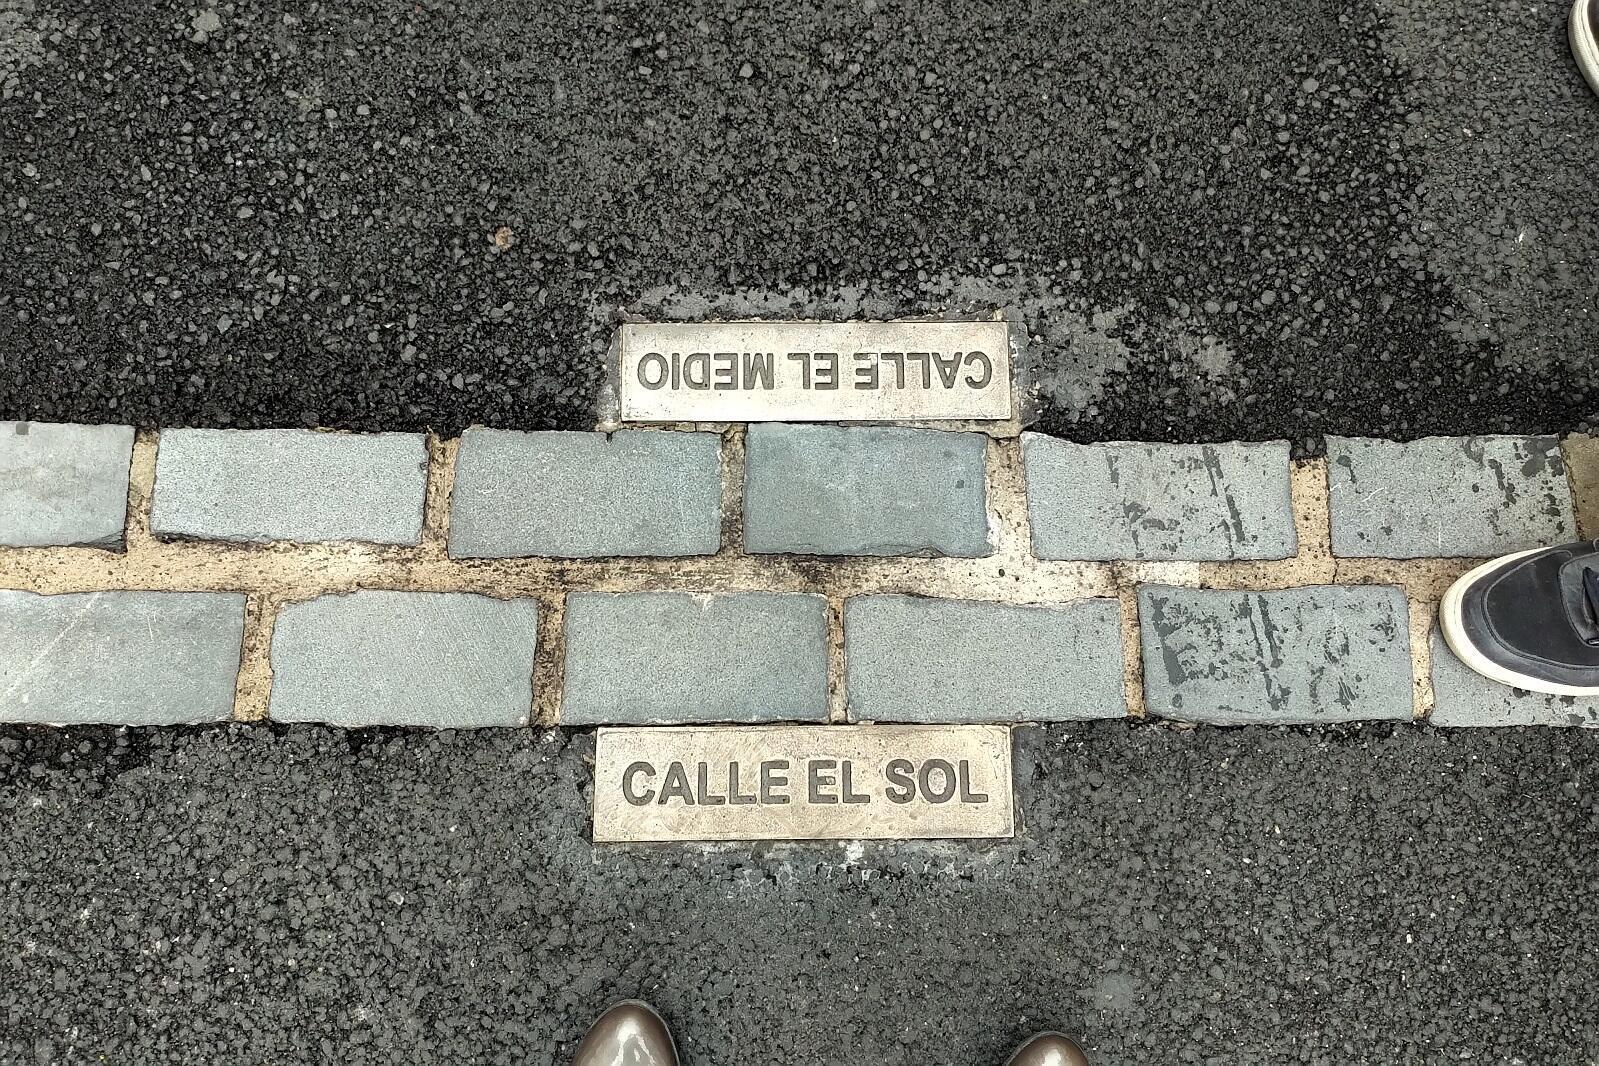 Línea fronteriza entre las dos calles.